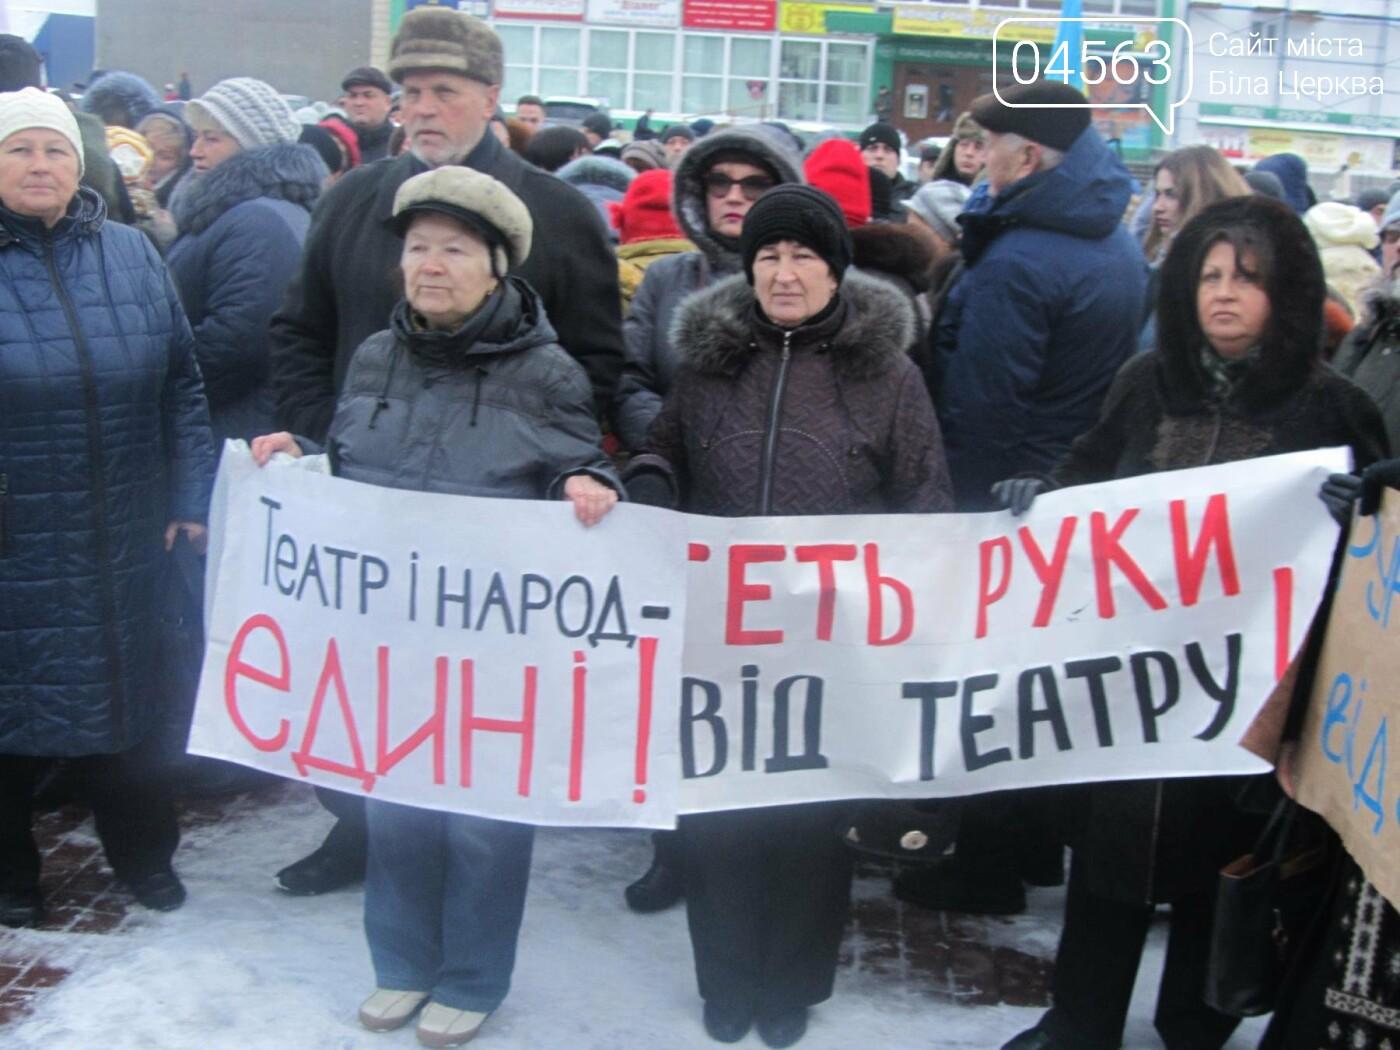 В Білій Церкві пройшов мітинг на підтримку театру Саксаганського, фото-5